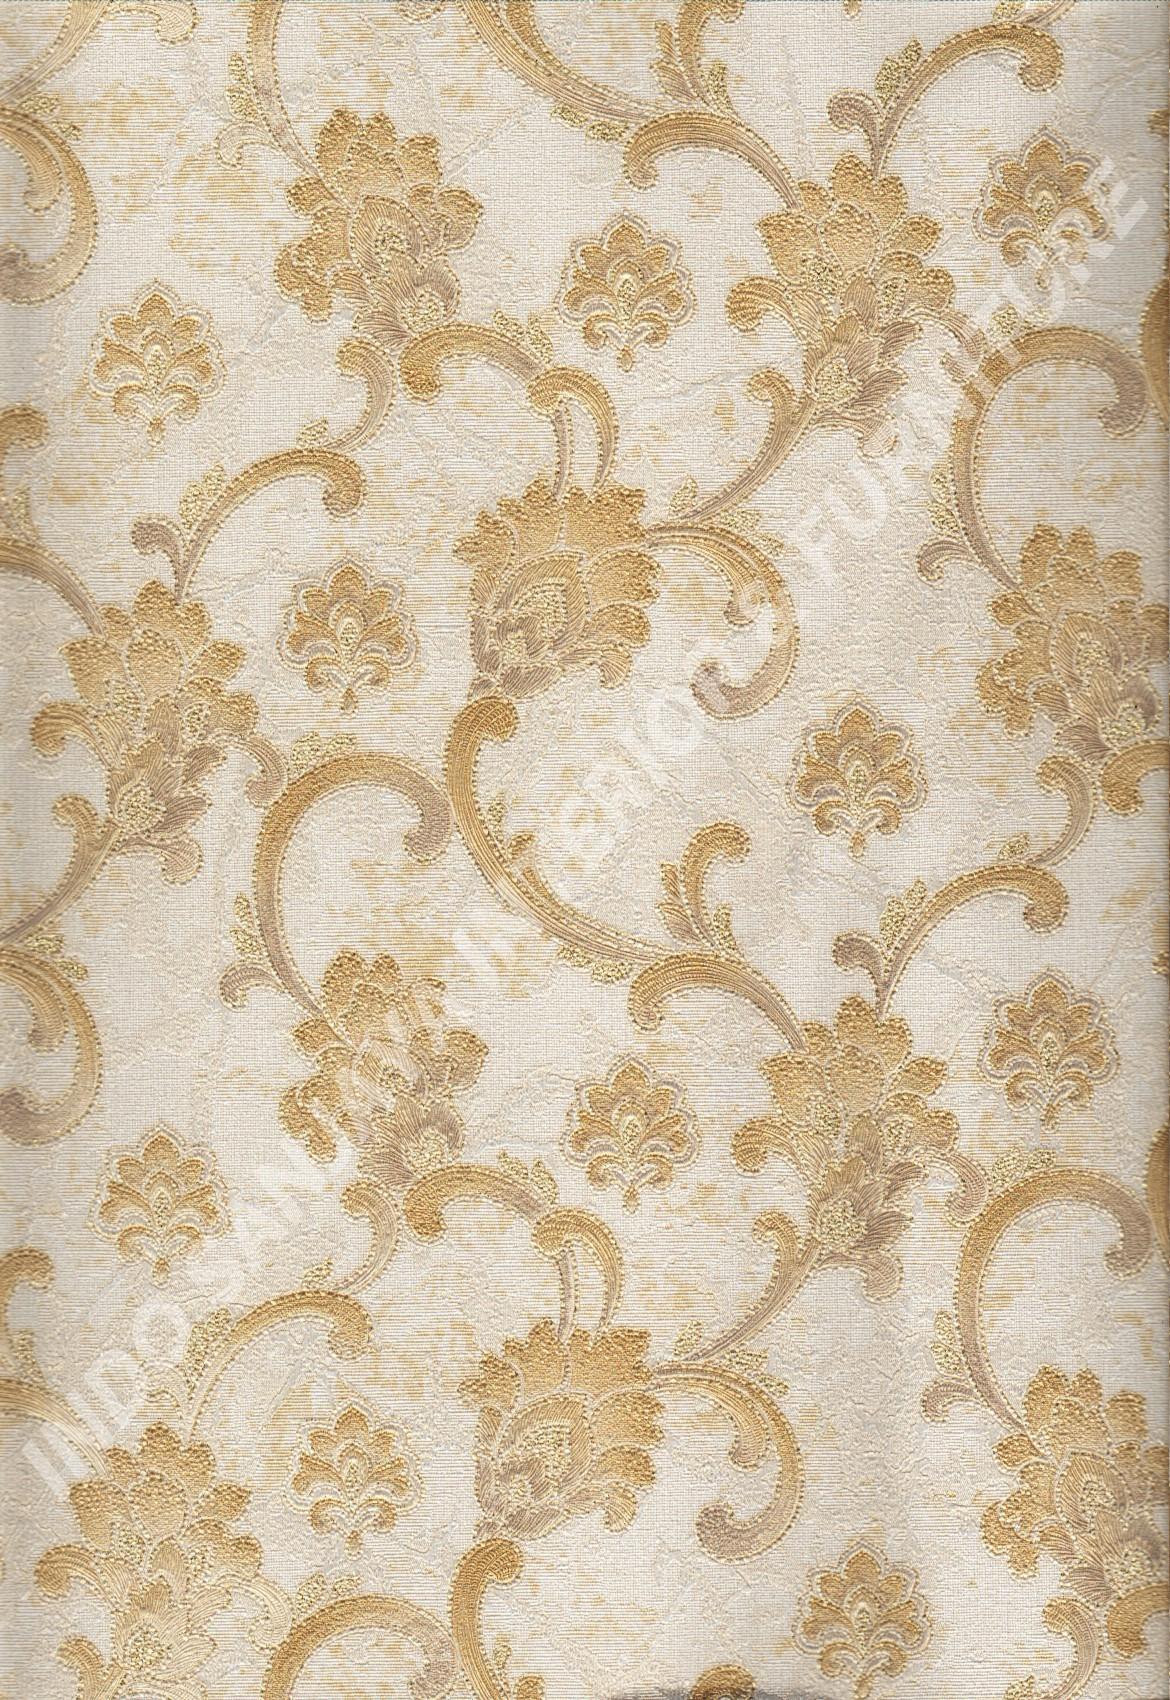 wallpaper   Wallpaper Klasik Batik (Damask) 81126-3:81126-3 corak  warna